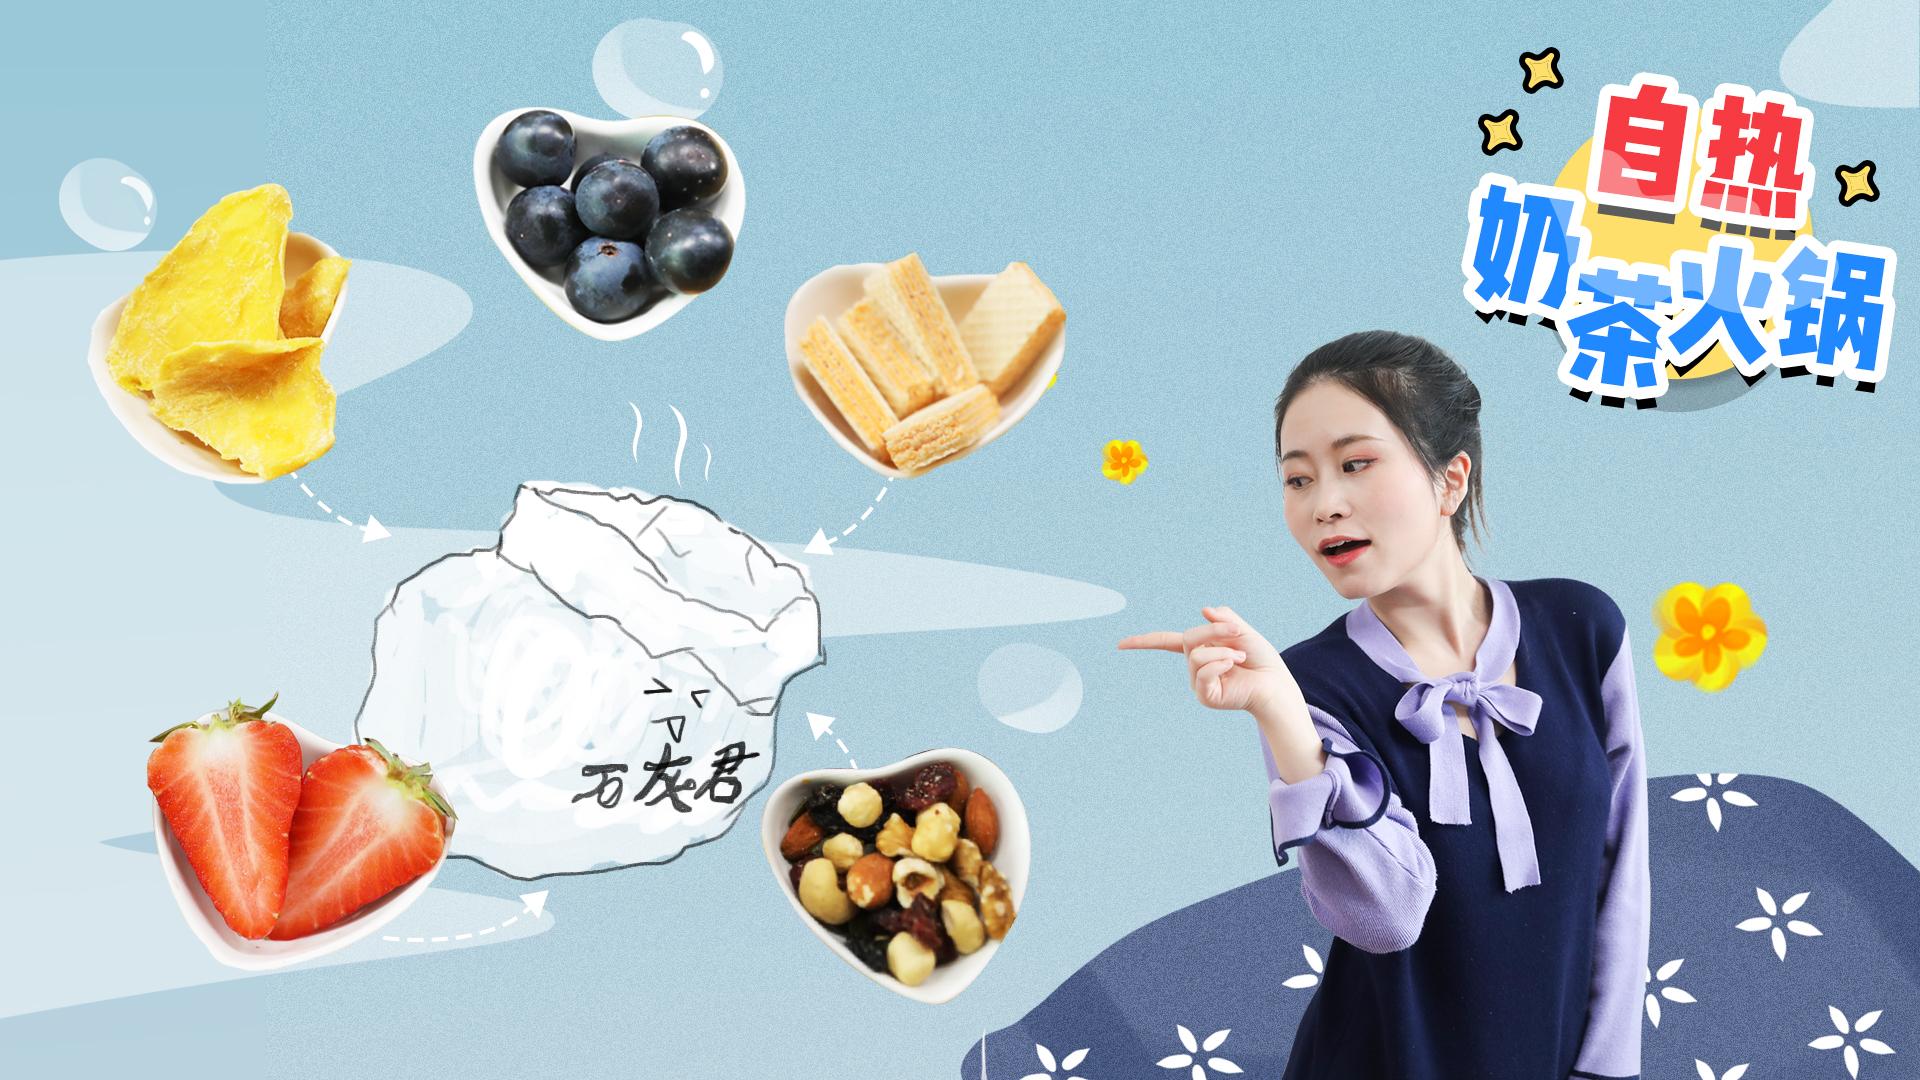 办公室小野自制石灰发热包,鸳鸯奶茶火锅撩爆少女心!